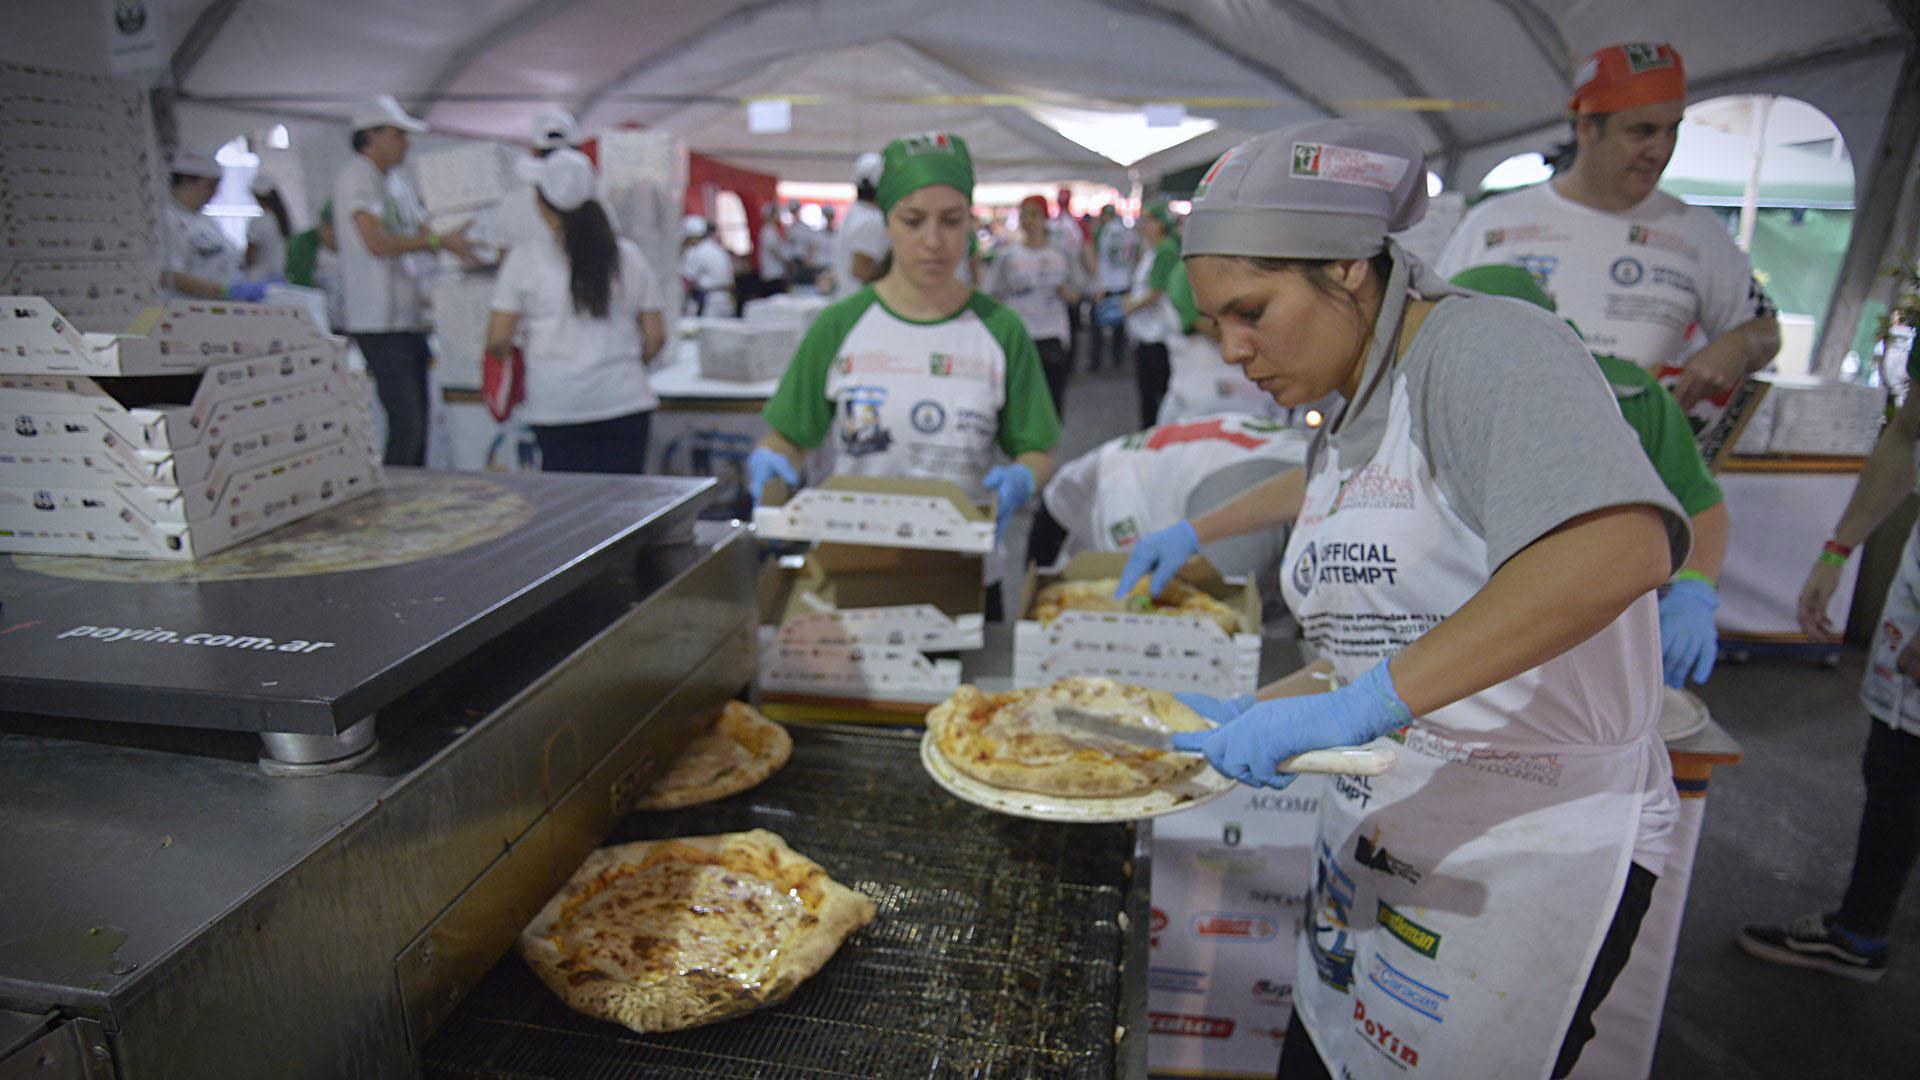 La Asociación de Propietarios de Pizzerías y Casas de Empanadas logró el récord Guinness por elaborar 11.000 pizzas en doce horas